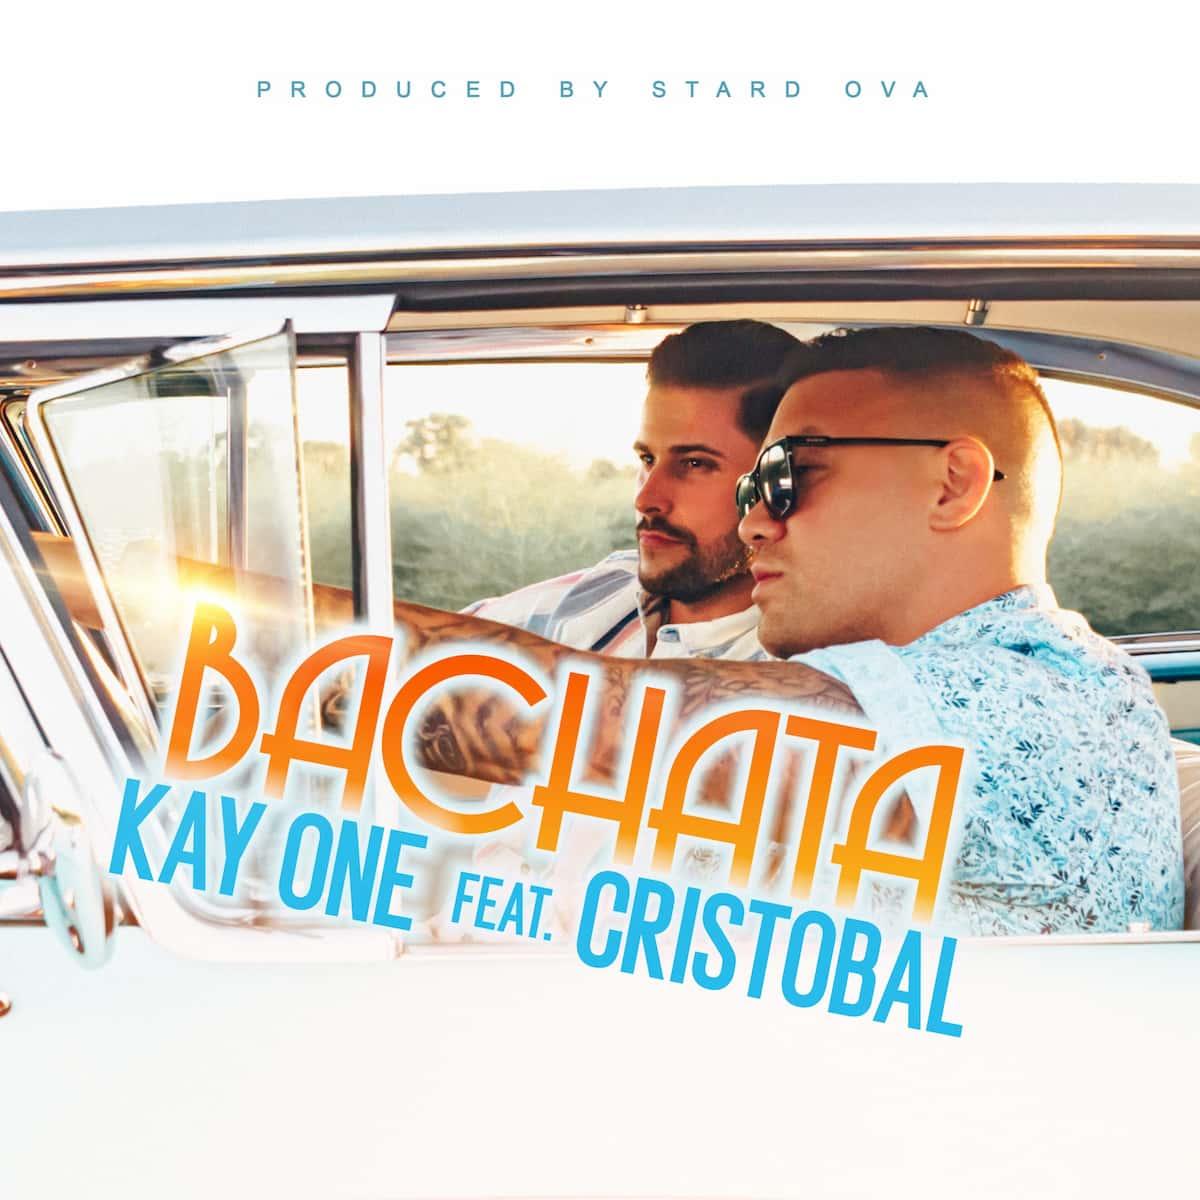 Kay One ft. Cristobal - Neuer Bachata-Song veröffentlicht